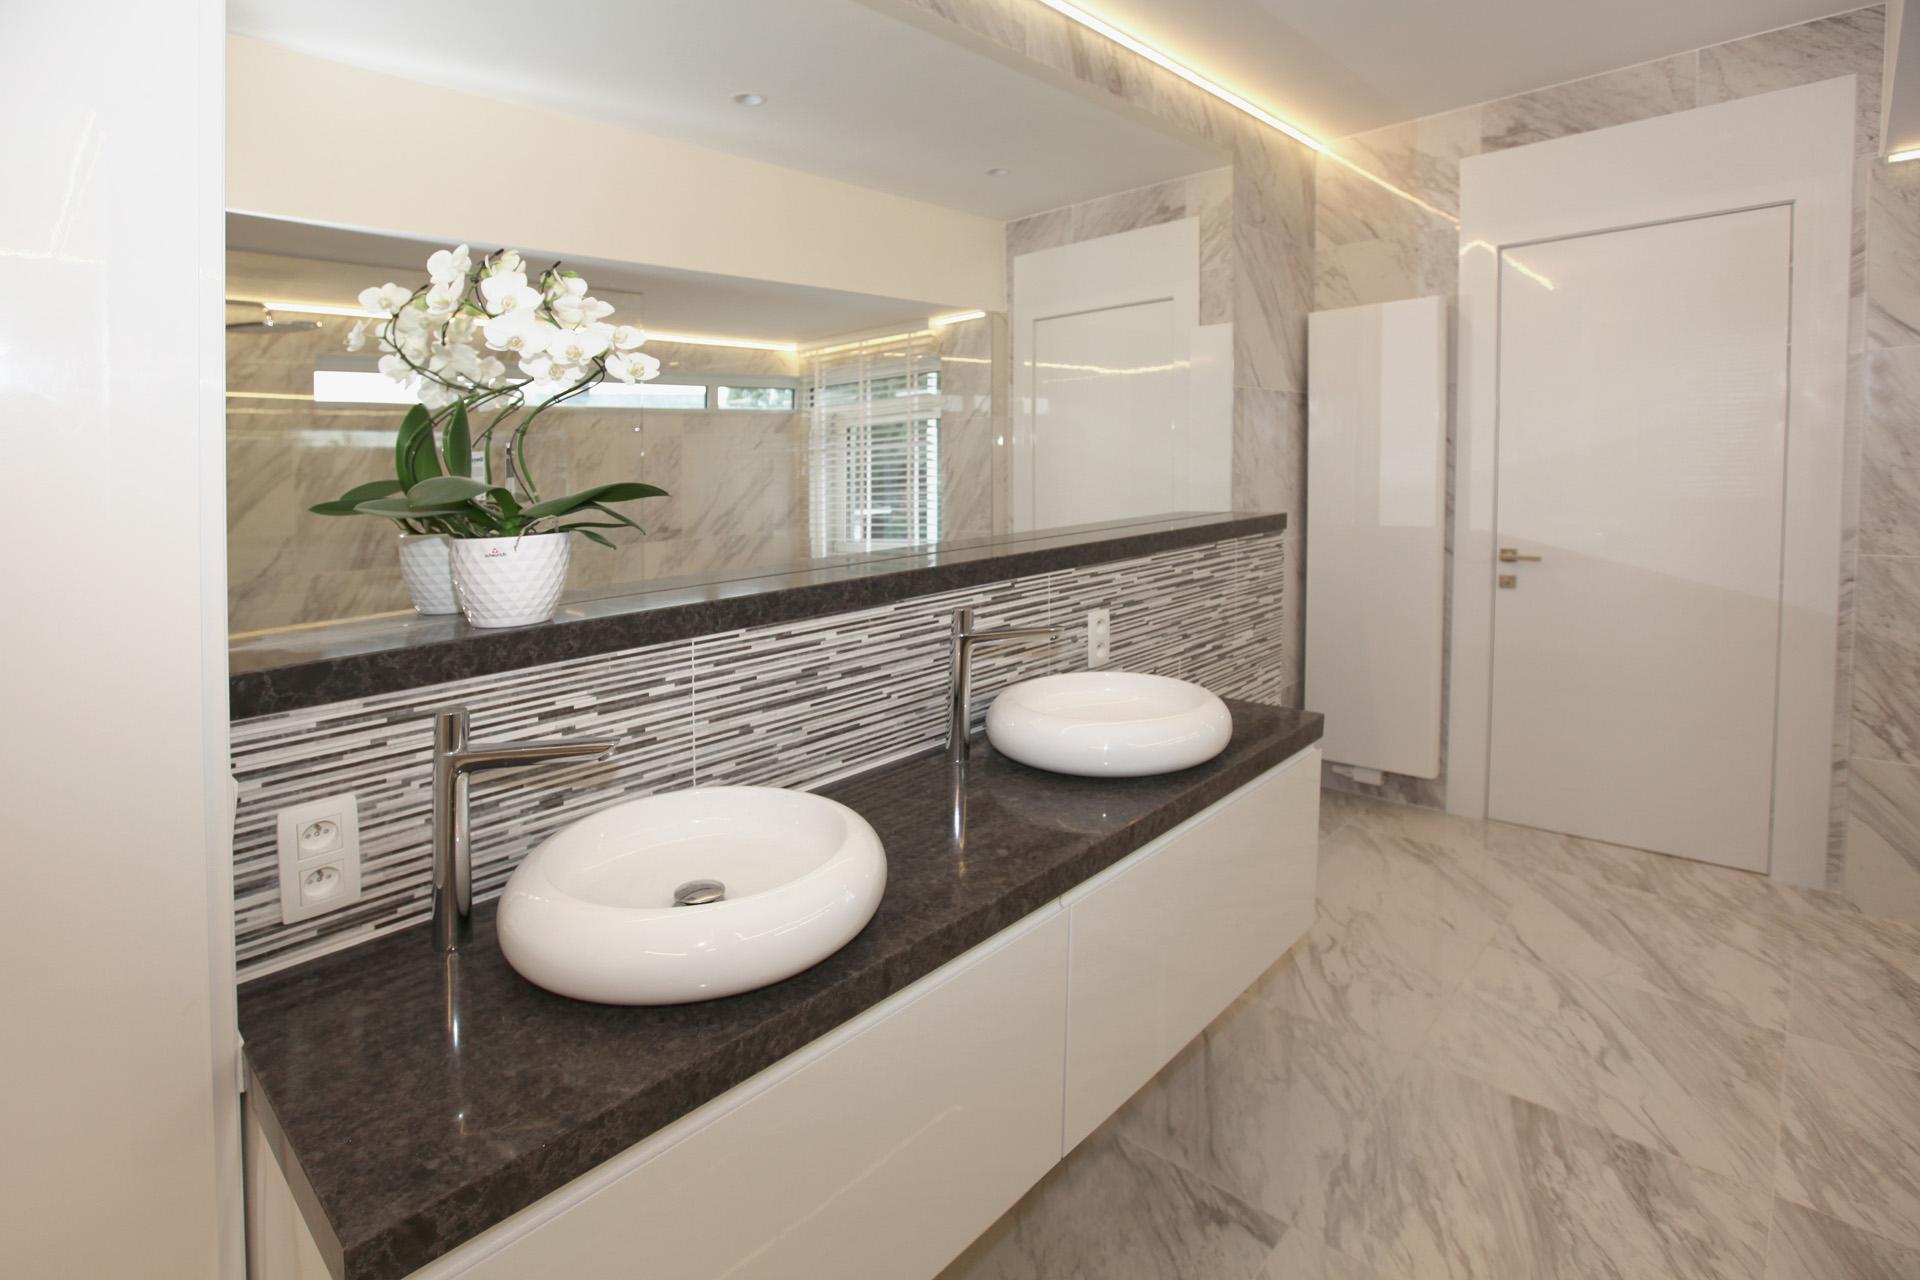 Sanitär - Marcotte Style